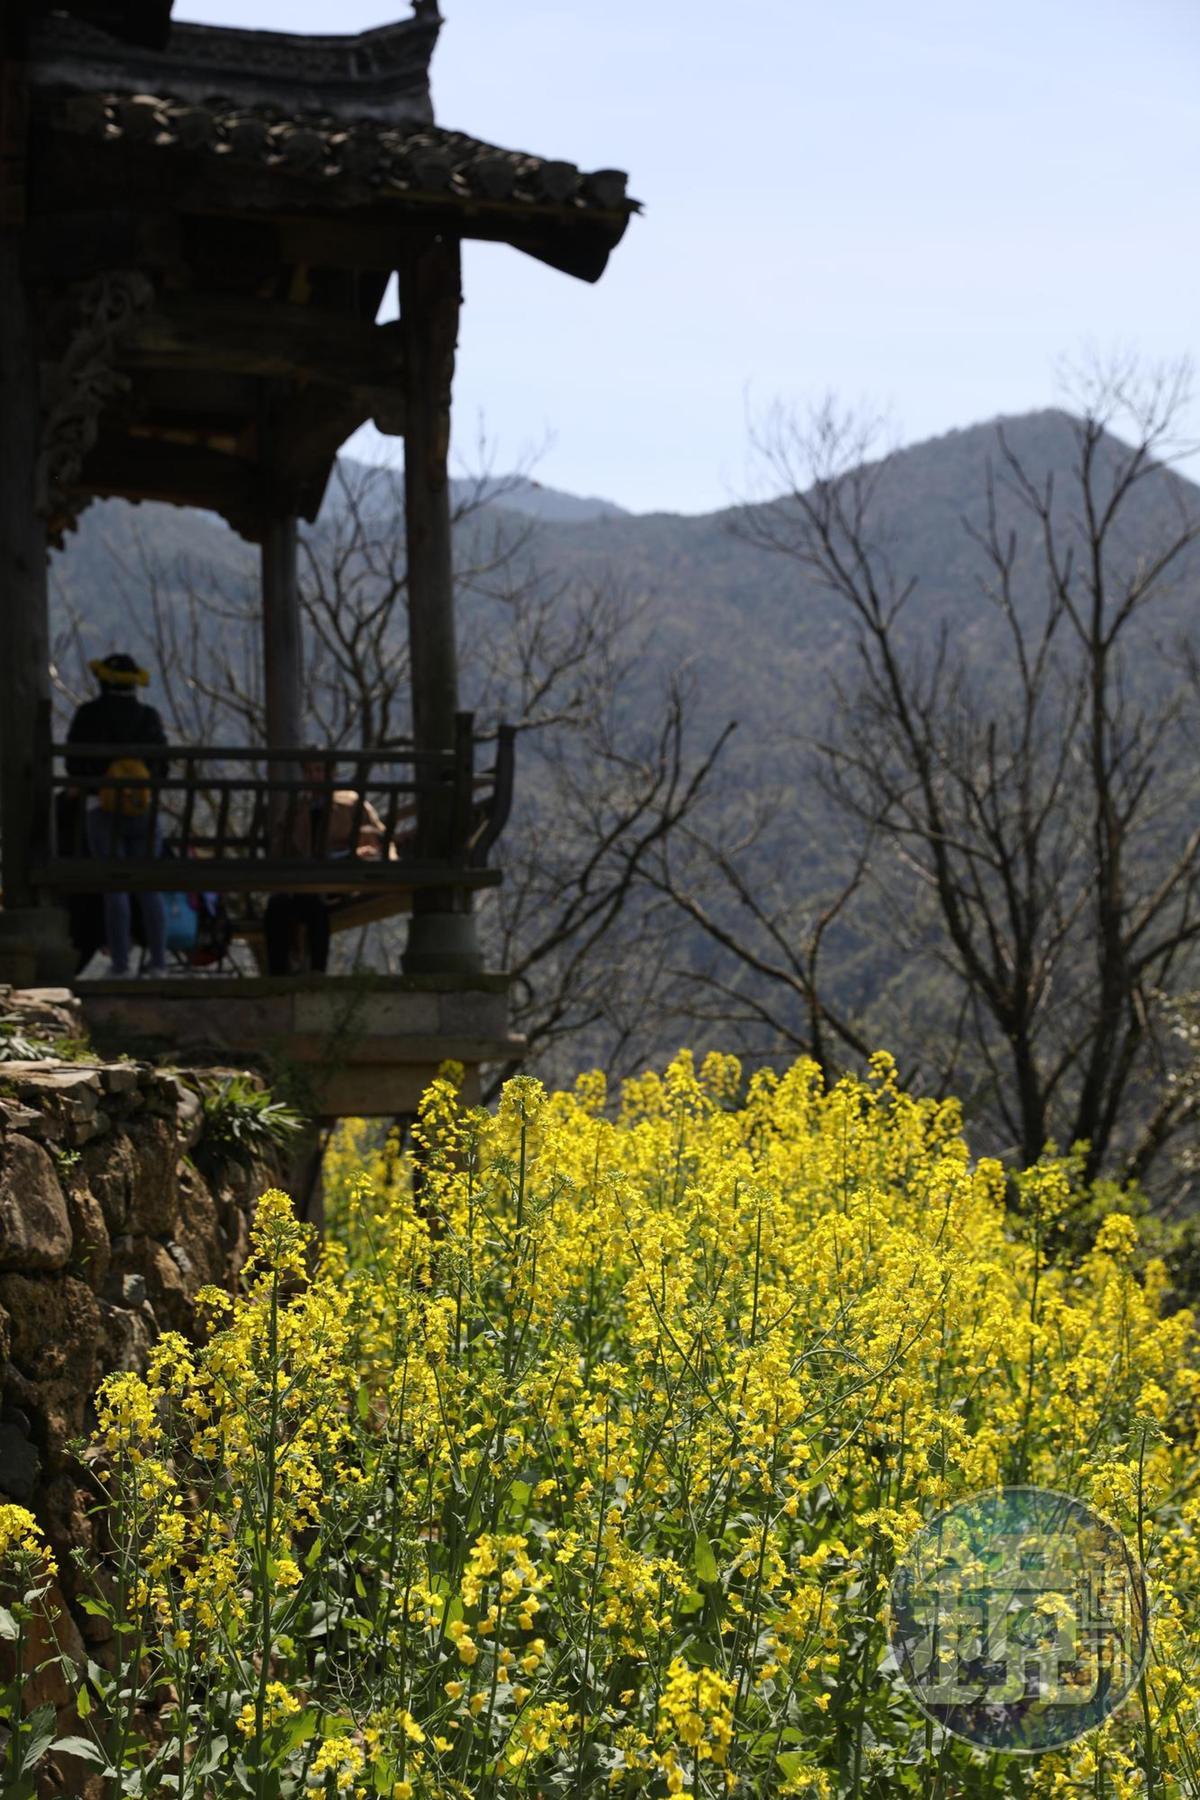 春天的篁嶺天街,處處都是金黃的油菜花。